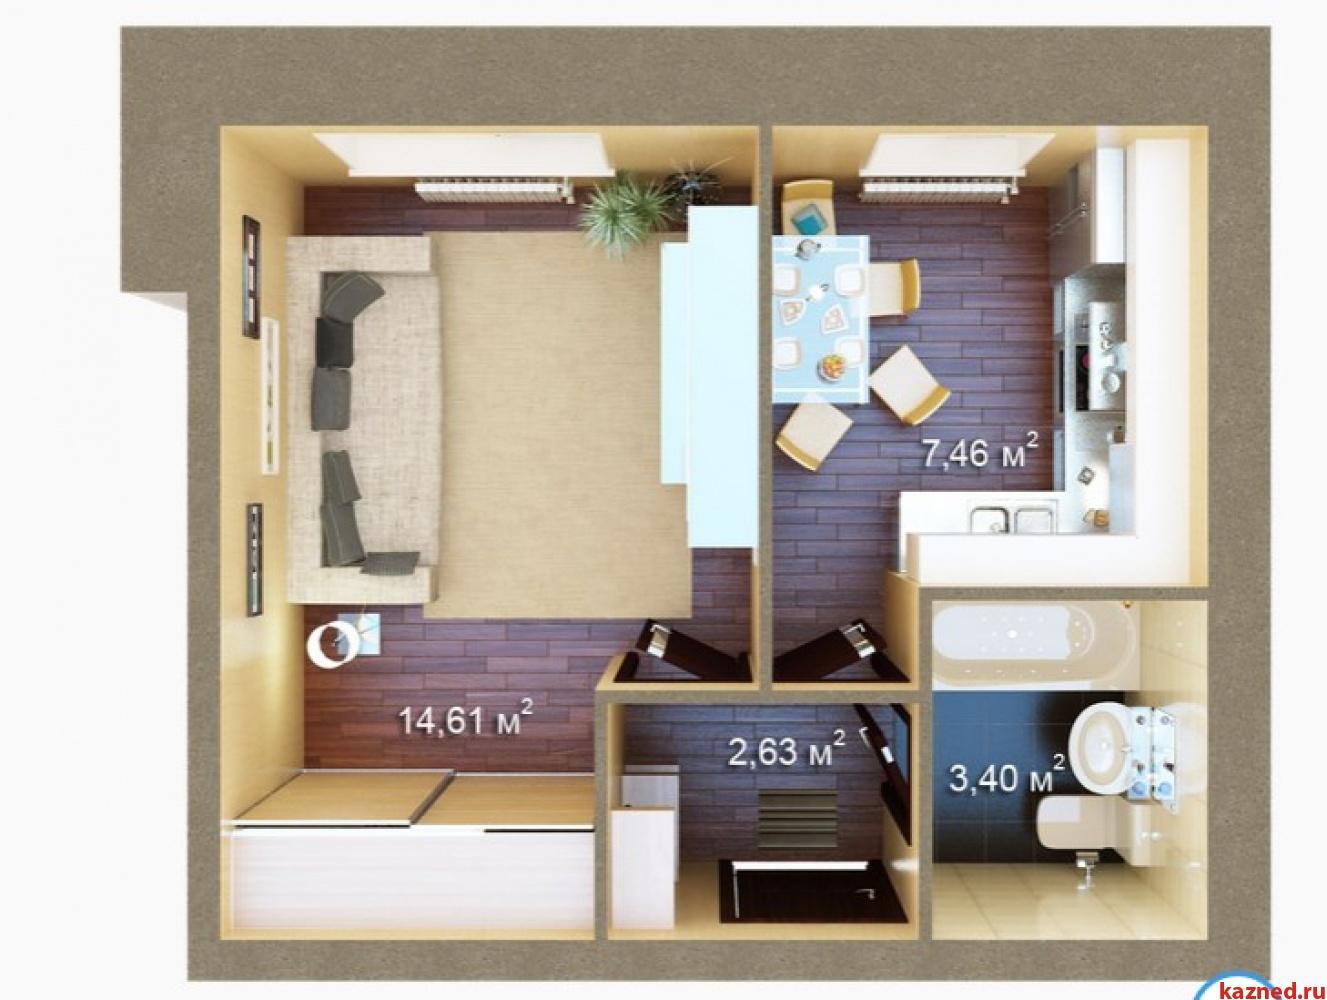 Продажа 1-к квартиры ЖК Царево, 7, 29 м² (миниатюра №5)